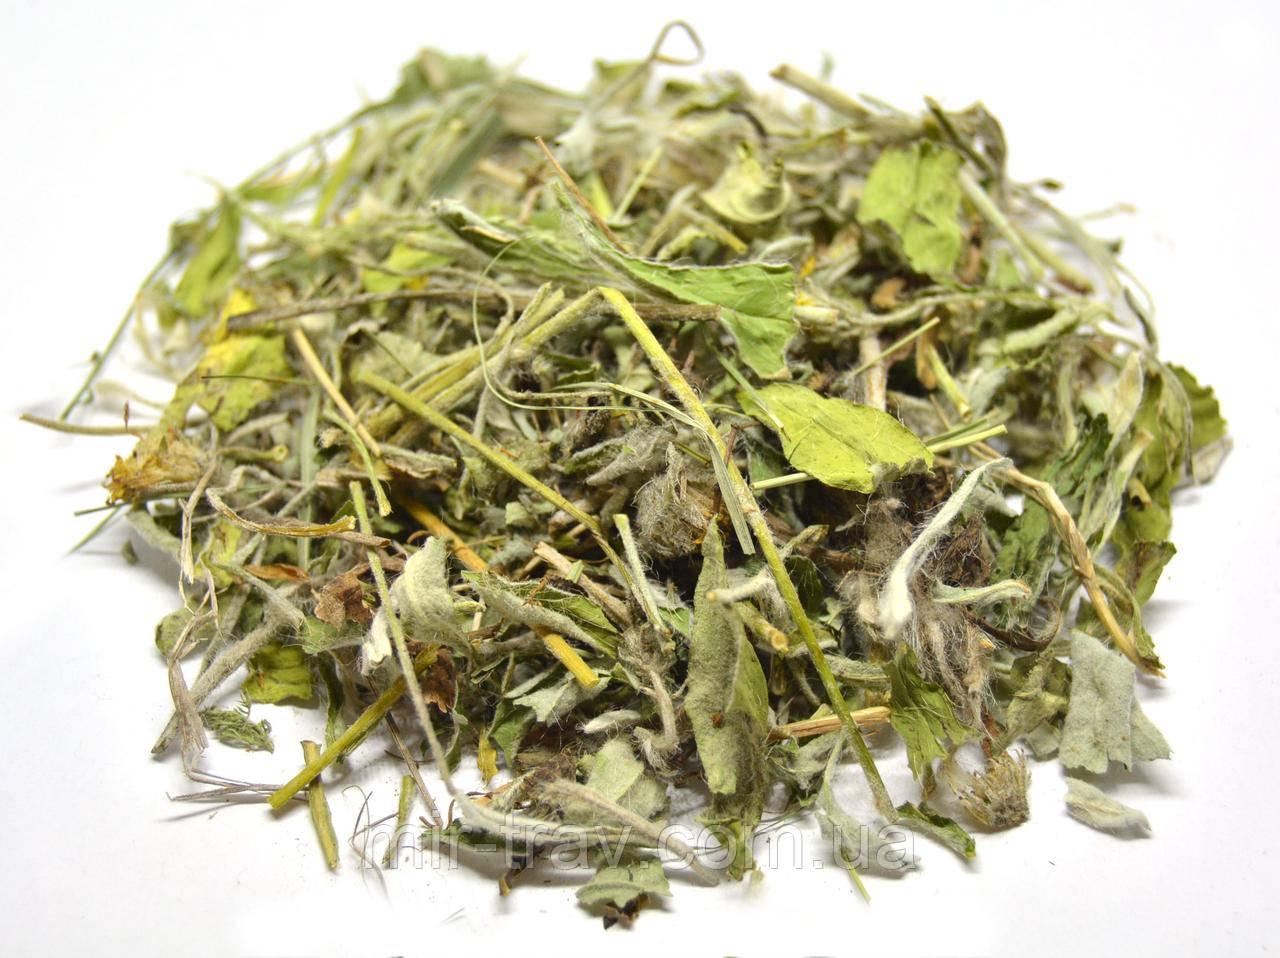 Ястребинка волосистая трава, фото 1